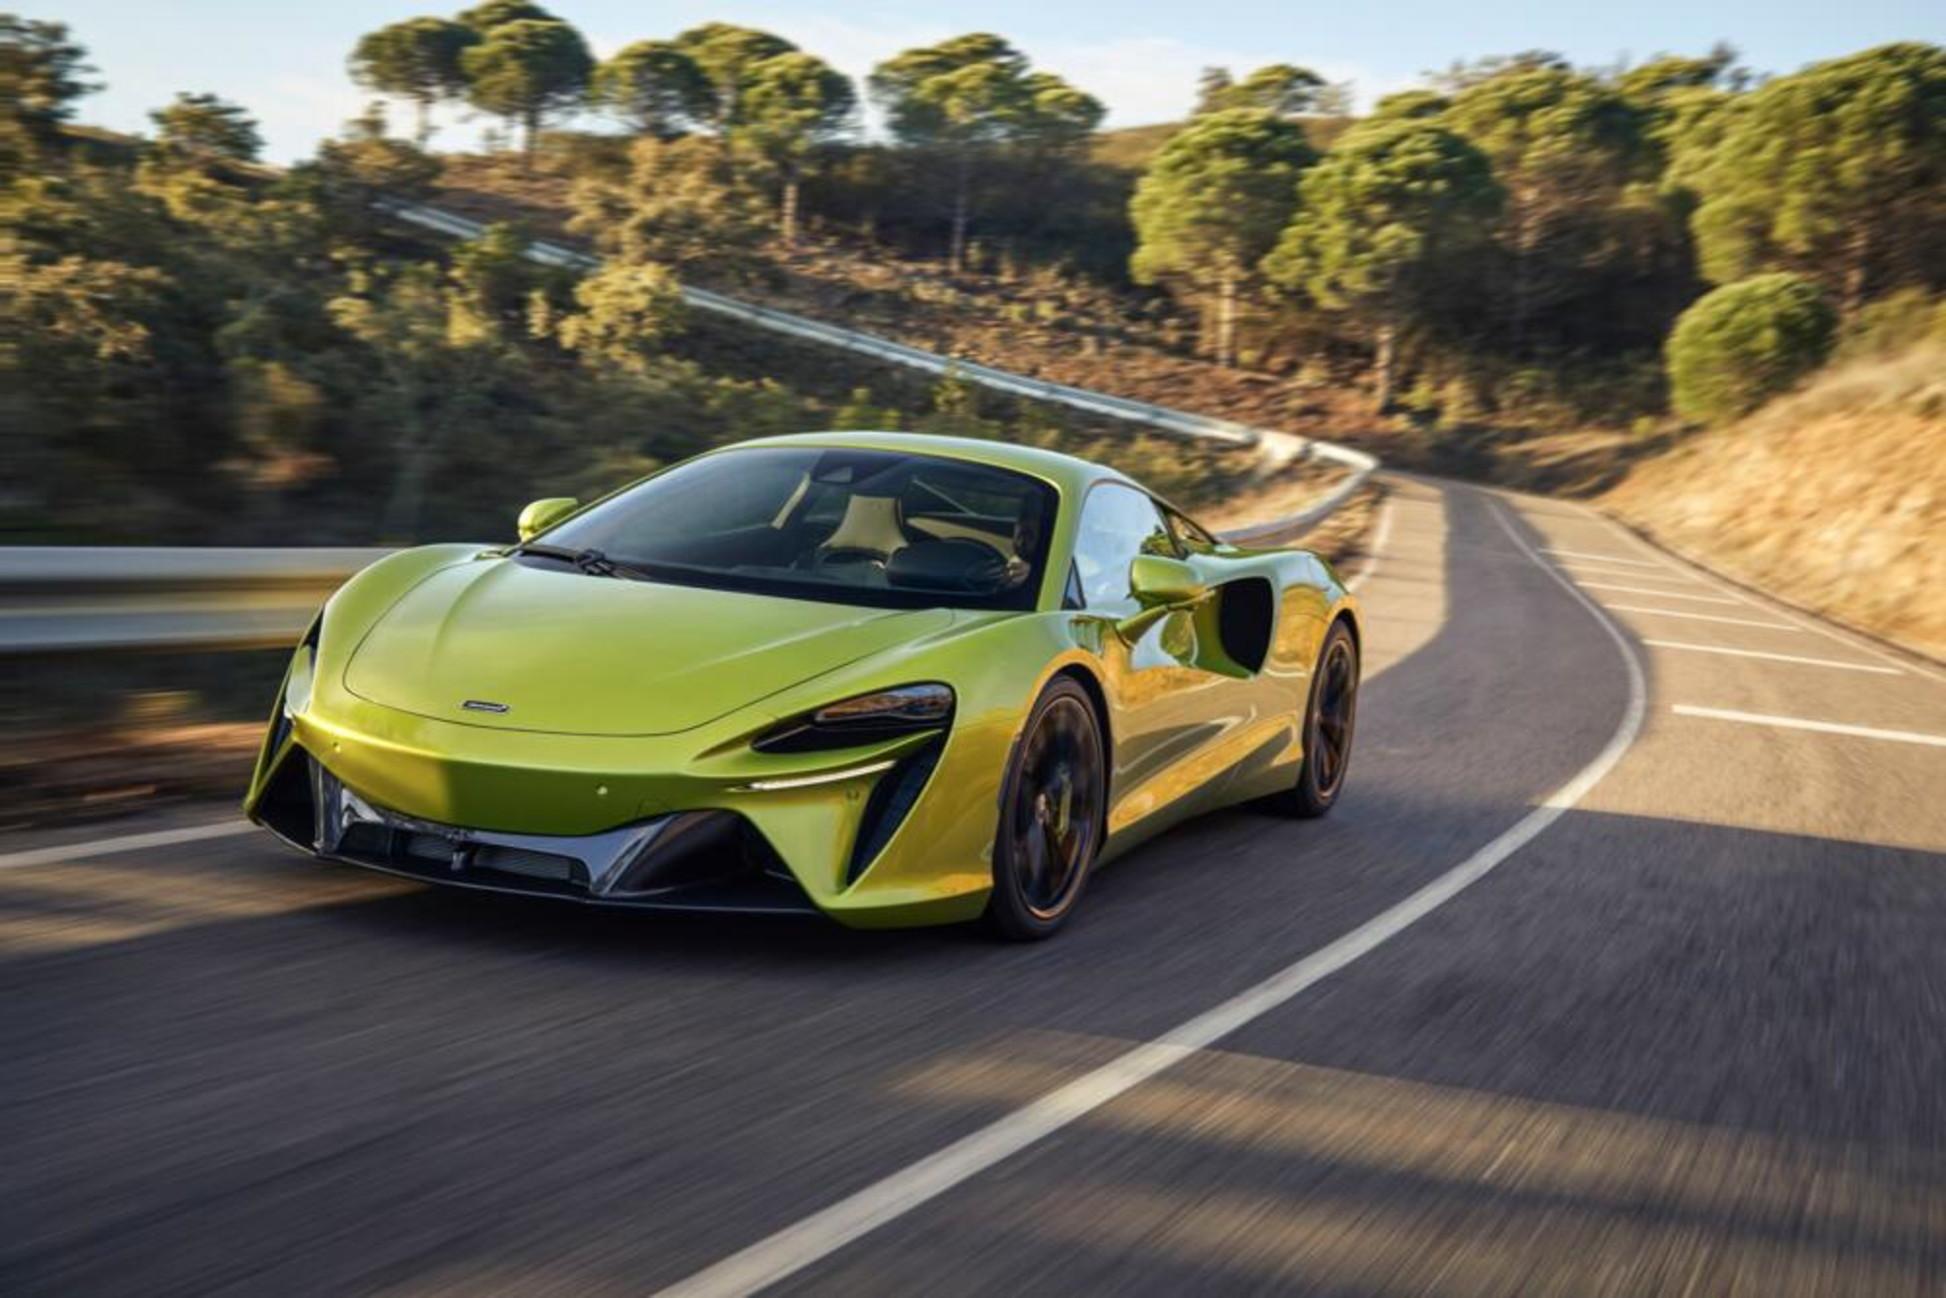 McLaren&nbsp;ha svelato Artura. &Egrave; la prima supercar con un powertrain elettrificato che la casa di Woking definisce&nbsp;ibrido ad alte prestazioni, High Performance Hybrid (HPH). Questo propulsore &egrave; in grado di erogare una potenza di&nbsp;680 CV&nbsp;e&nbsp;720 Nm&nbsp;di coppia massima per un rapporto peso/potenza di 488 CV per tonnellata.<br /><br />